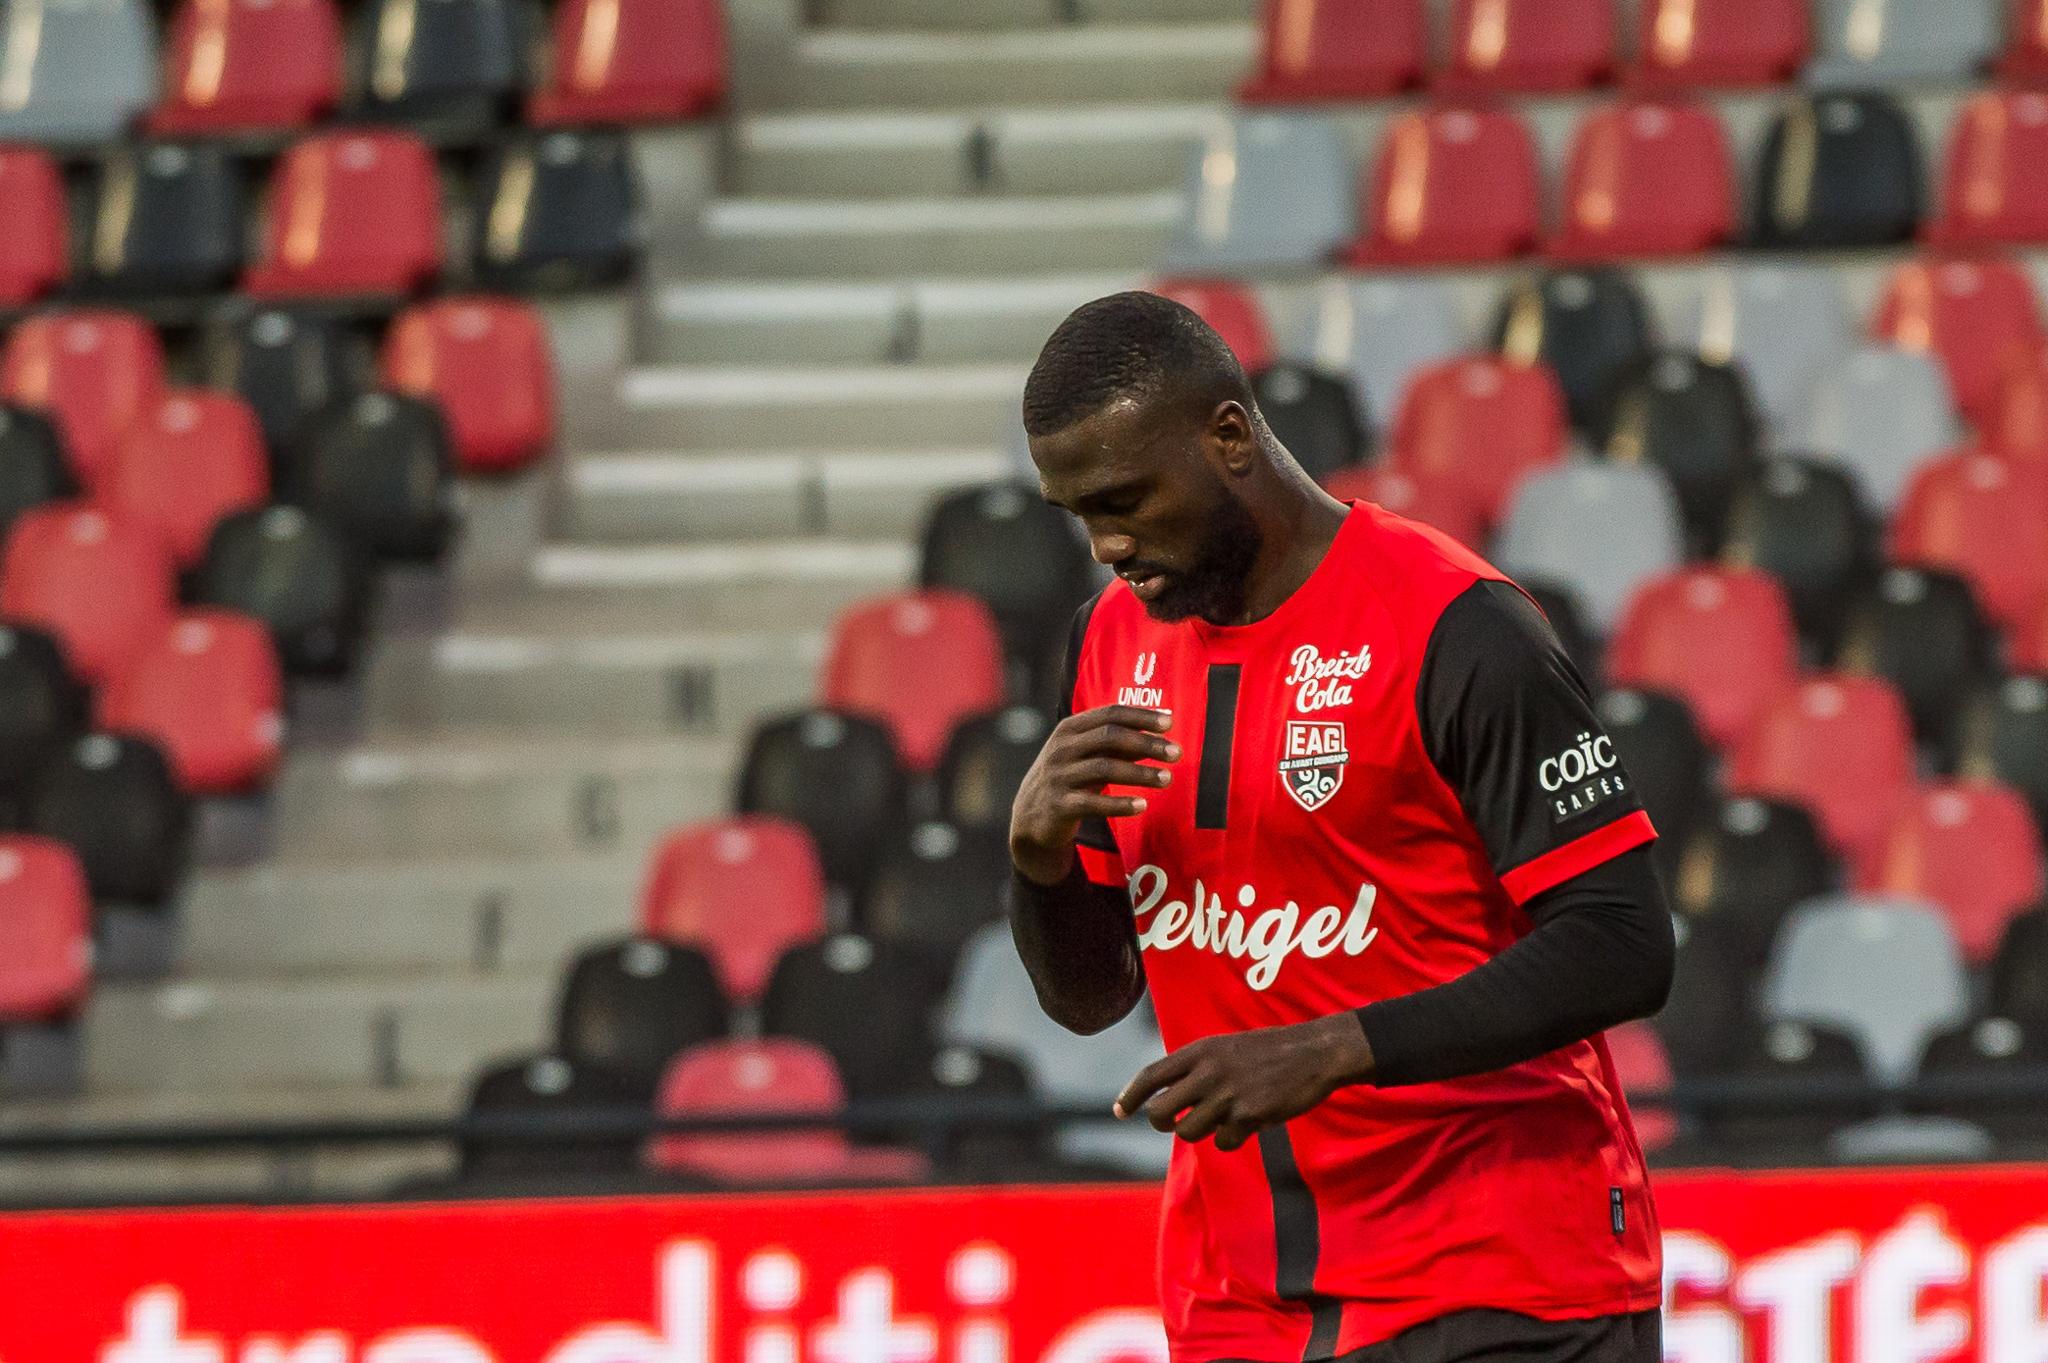 EA Guingamp La Berrichonne Châteauroux J37 Ligue 2 BKT EAGLBC 2-0 Stade de Roudourou FRA_5629